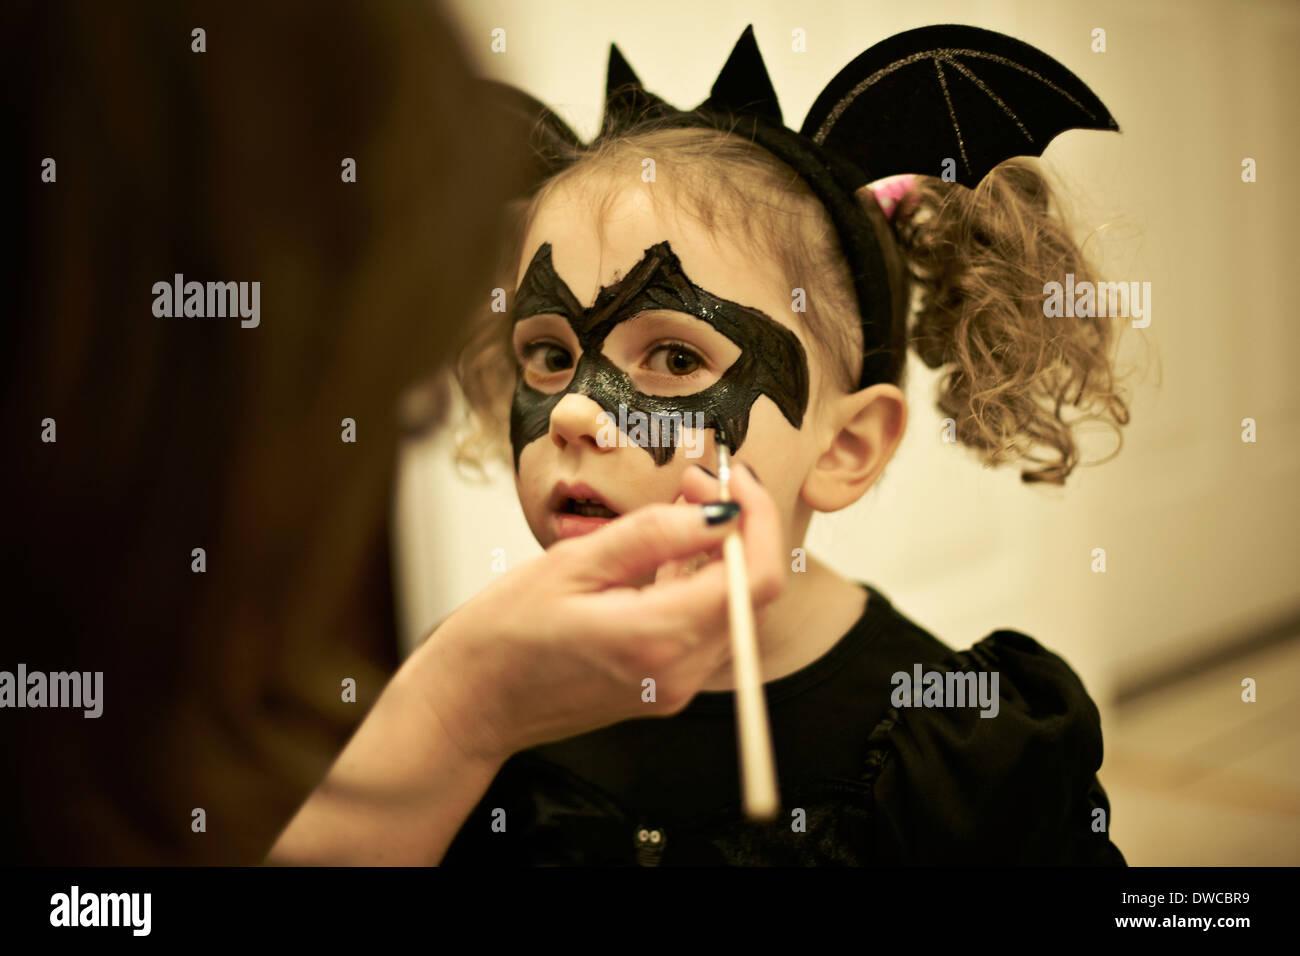 Mutter Malerei Töchter Gesicht für Halloween Fledermaus-Kostüm Stockbild